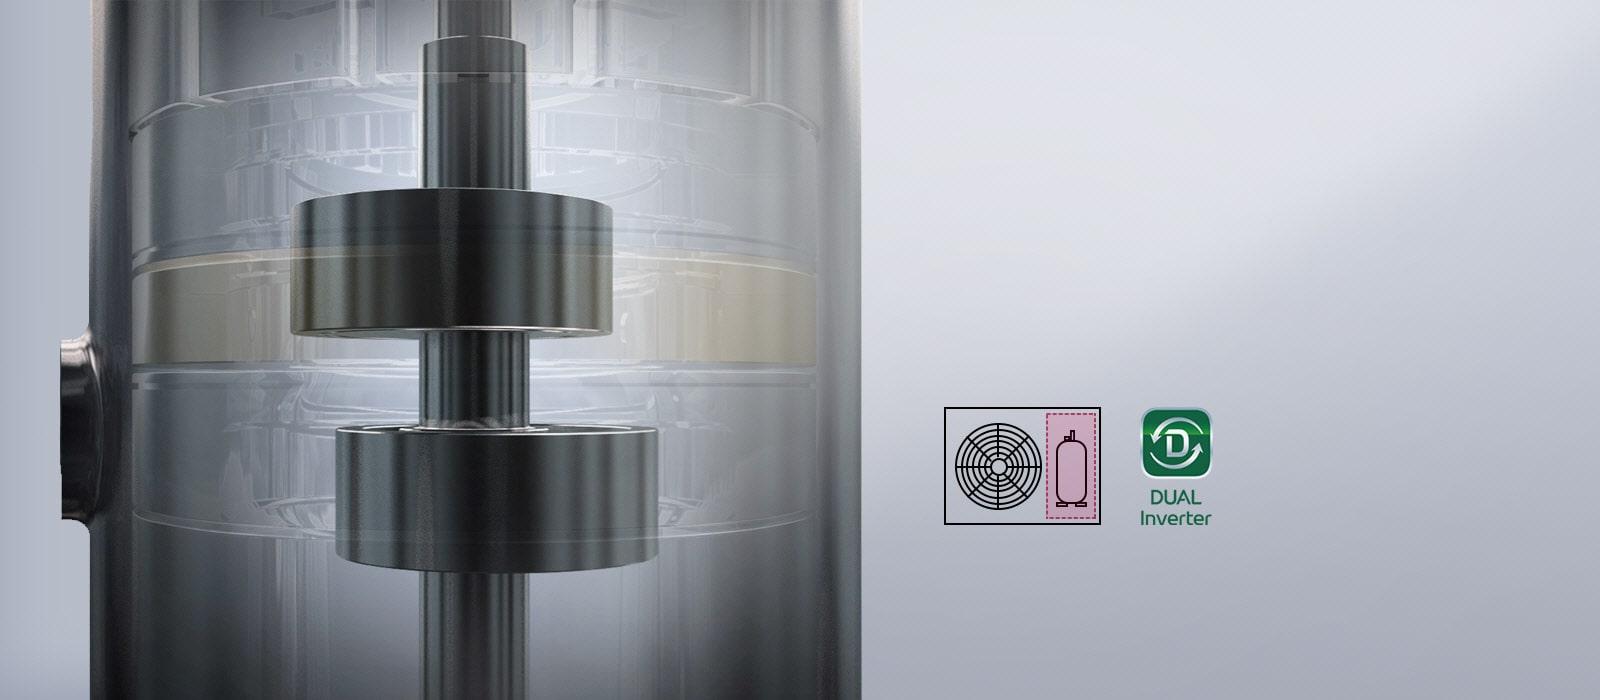 Οι εσωτερικές λειτουργίες του συμπιεστή DUAL Inverter είναι ορατές από το σχεδόν αόρατο εξωτερικό τμήμα. Κοντά φαίνεται το λογότυπο DUAL Inverter και δύο εικονίδια που αναπαριστούν τον ανεμιστήρα και τον συμπιεστή.